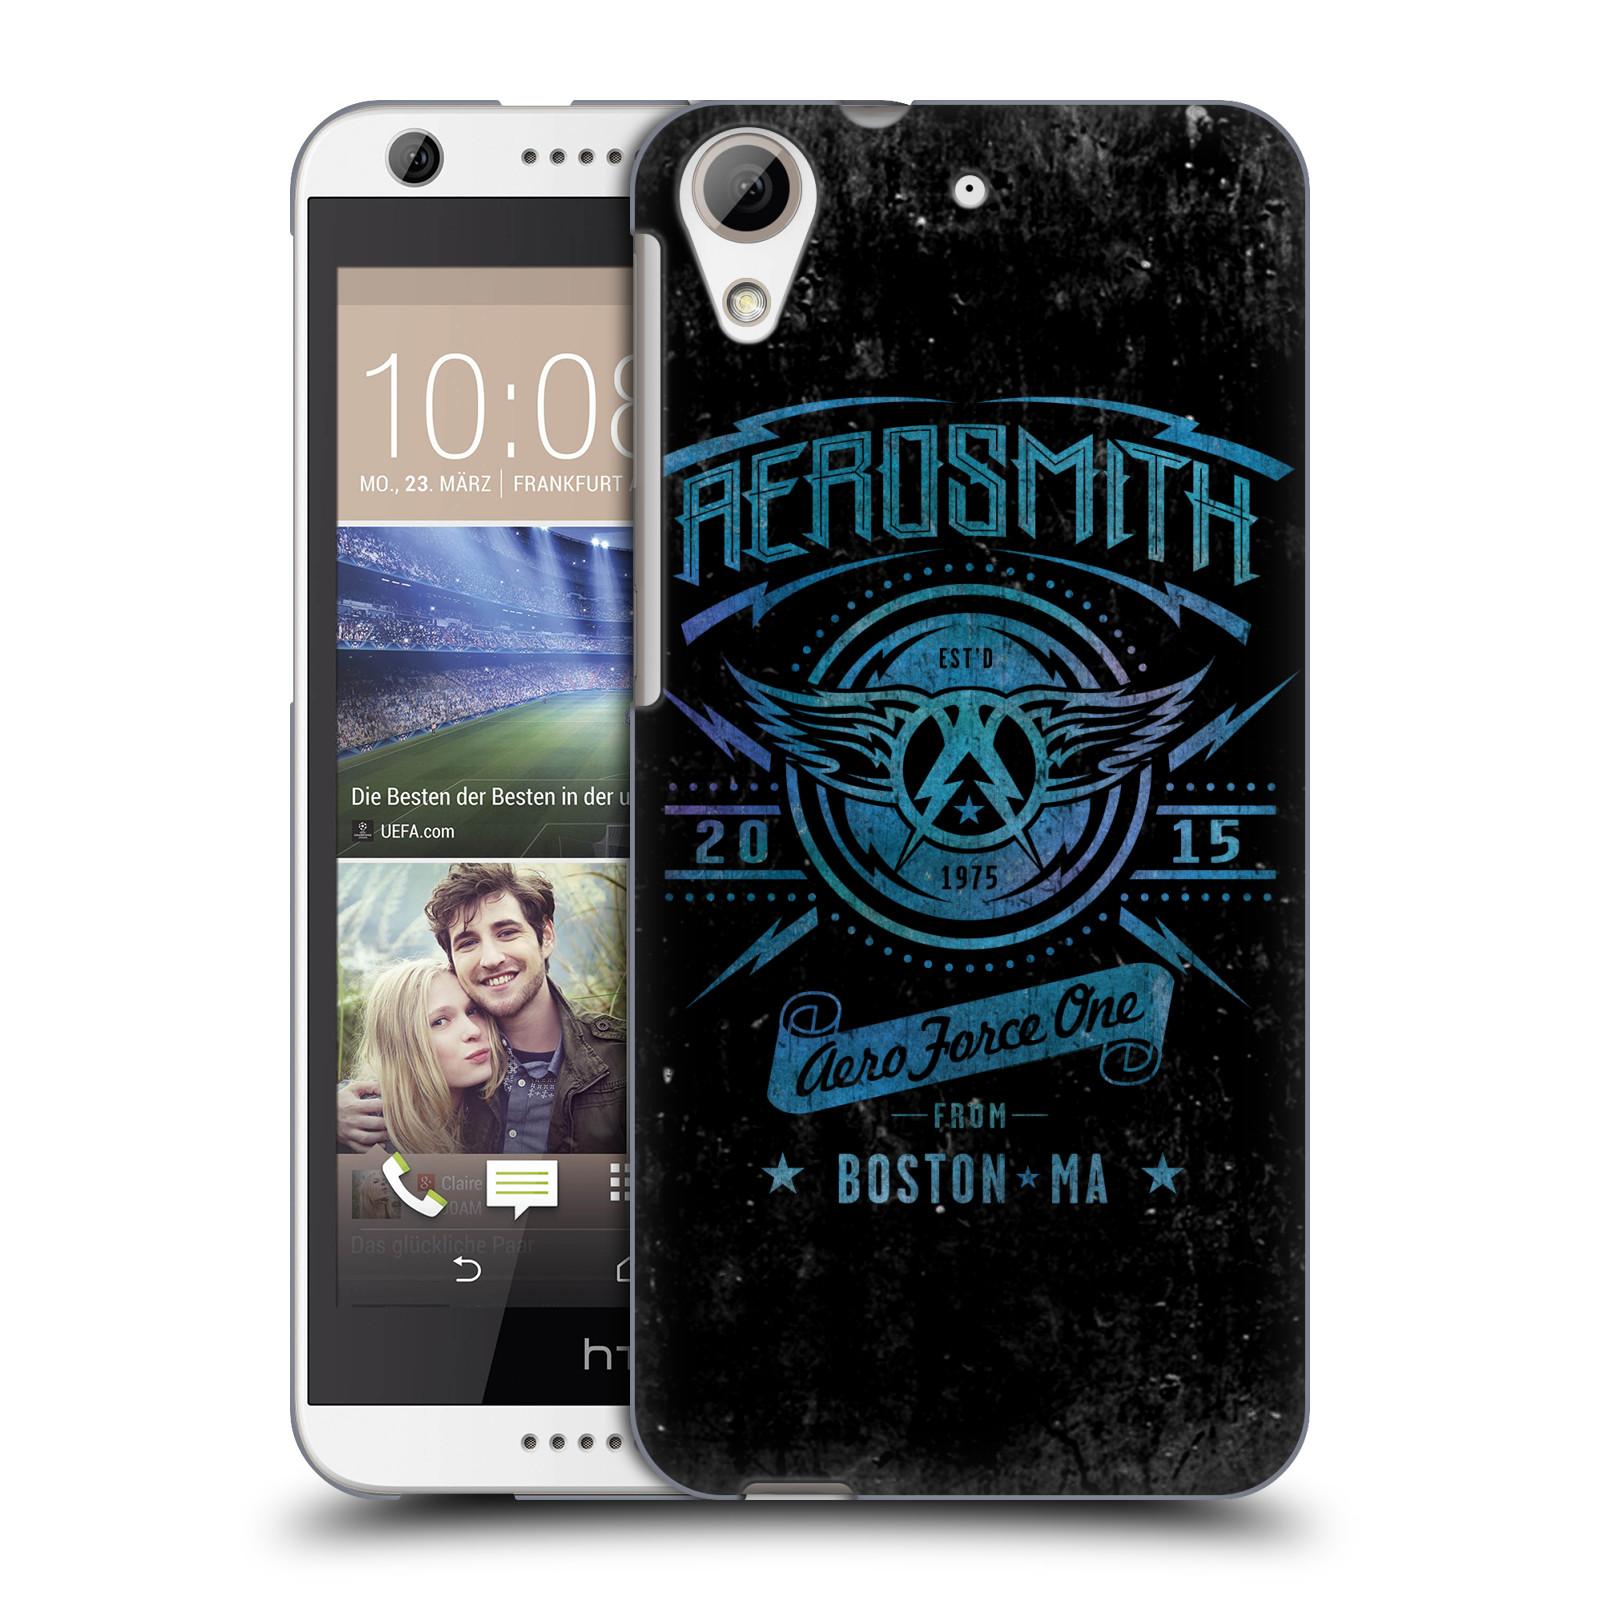 Plastové pouzdro na mobil HTC Desire 626 / 626G HEAD CASE - Aerosmith - Aero Force One (Plastový kryt či obal na mobilní telefon s licencovaným motivem Aerosmith pro HTC Desire 626G Dual SIM a HTC Desire 626)